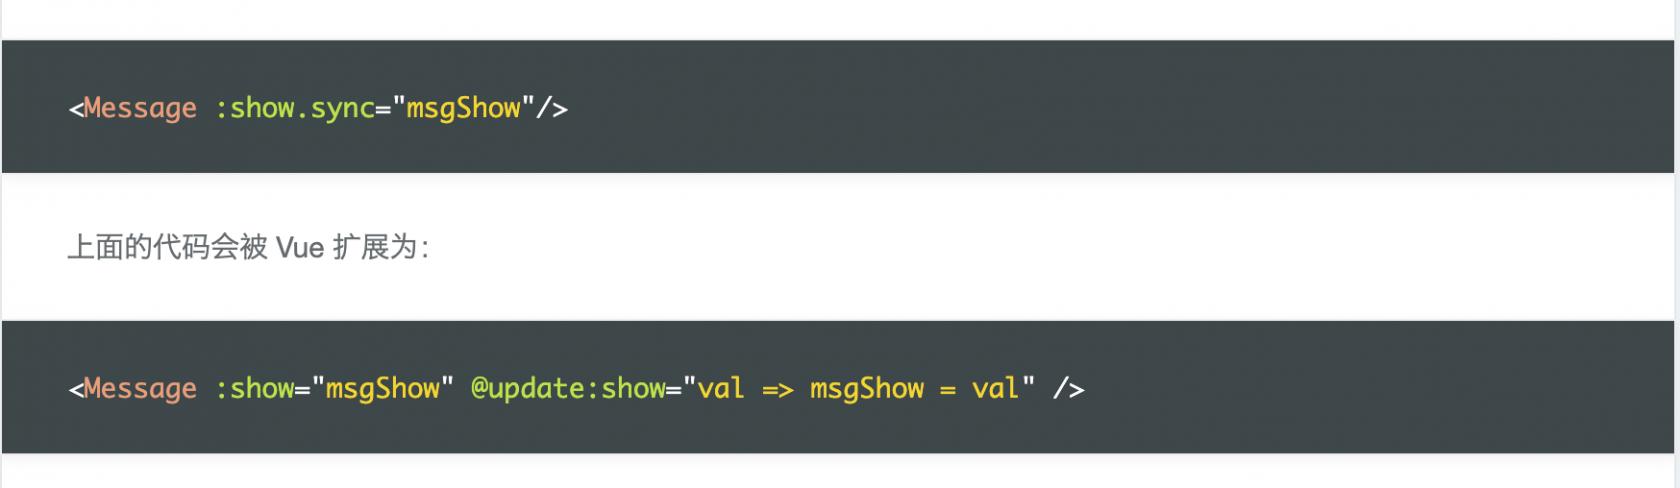 不太理解这段代码的意思